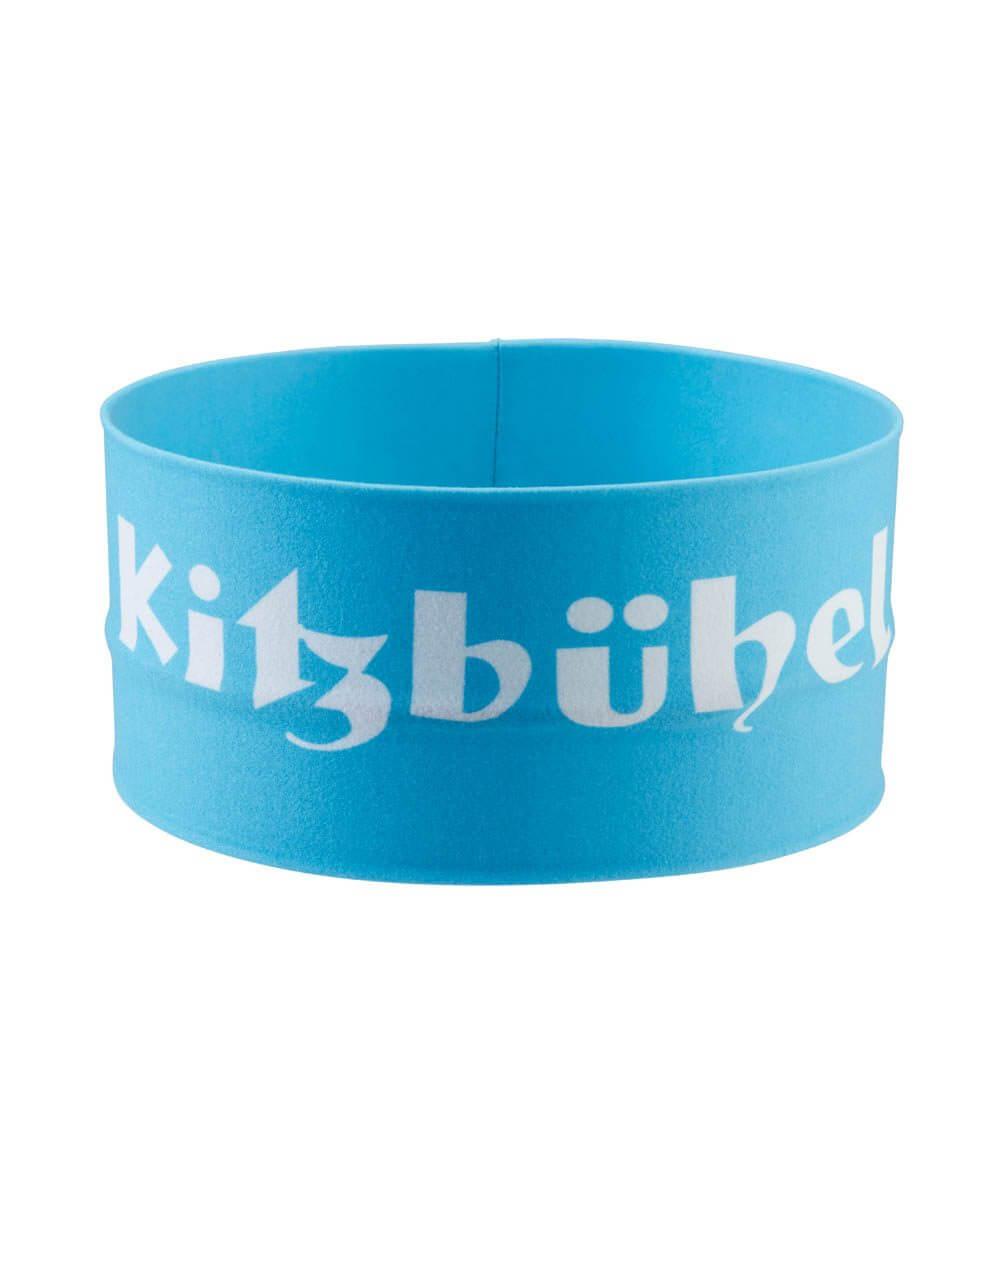 706038346 Stirnband blau 1